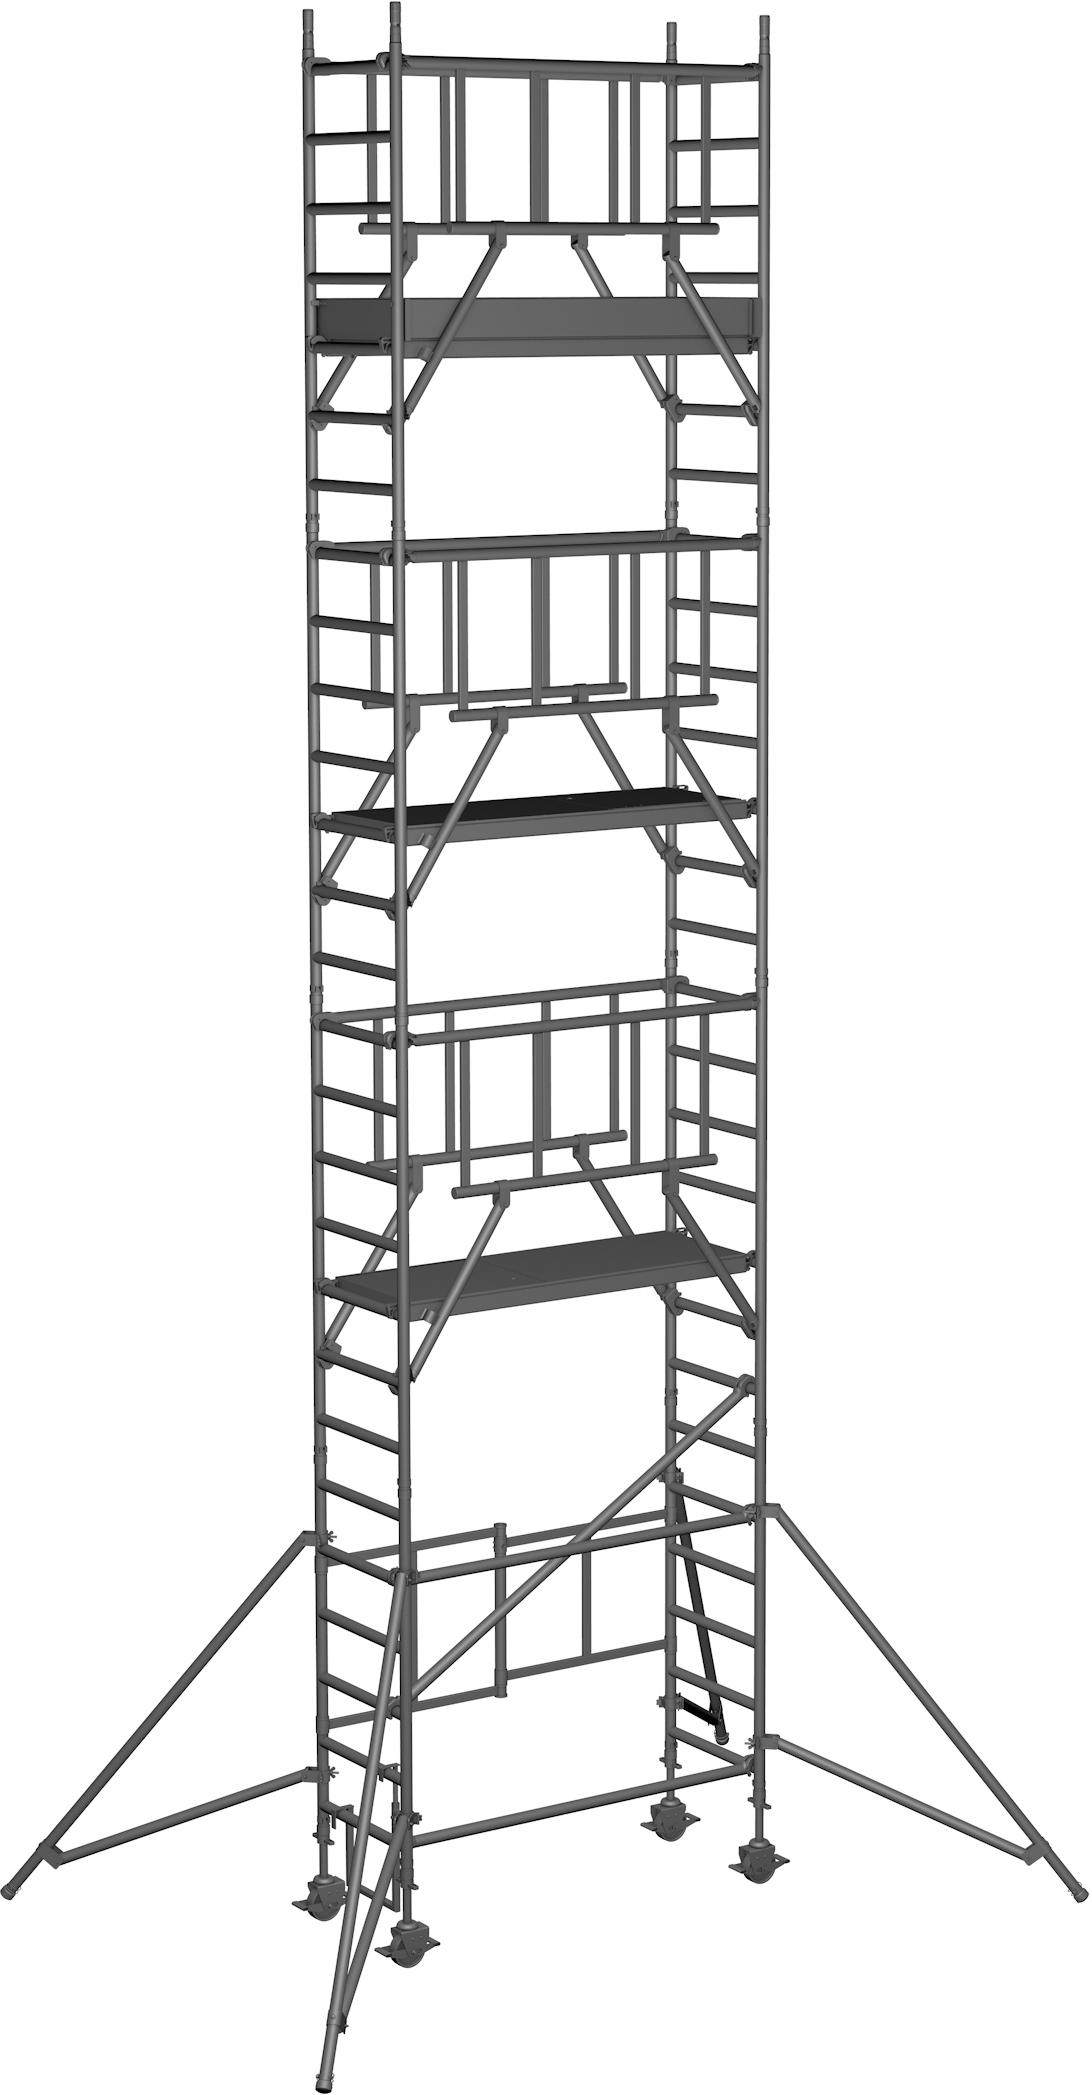 Klappgerüst ZARGES Reachmaster S-PLUS 1T - AH 8,70m